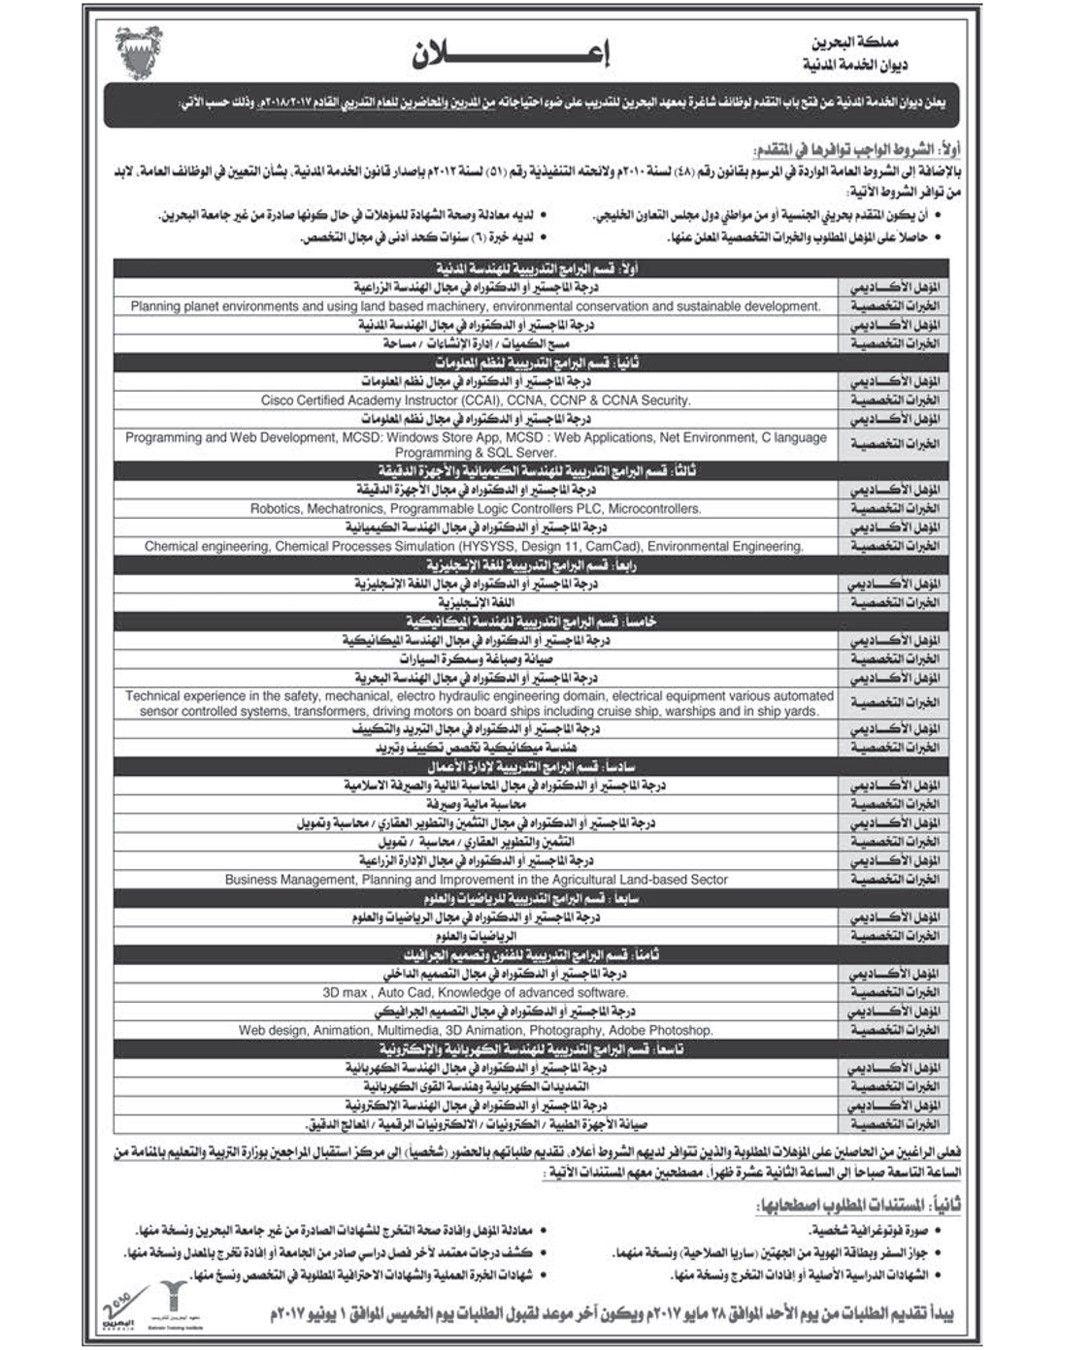 وظائف شاغرة لمحاضرين ومدربين بمعهد البحرين للتدريب Ccna Microcontrollers Warship